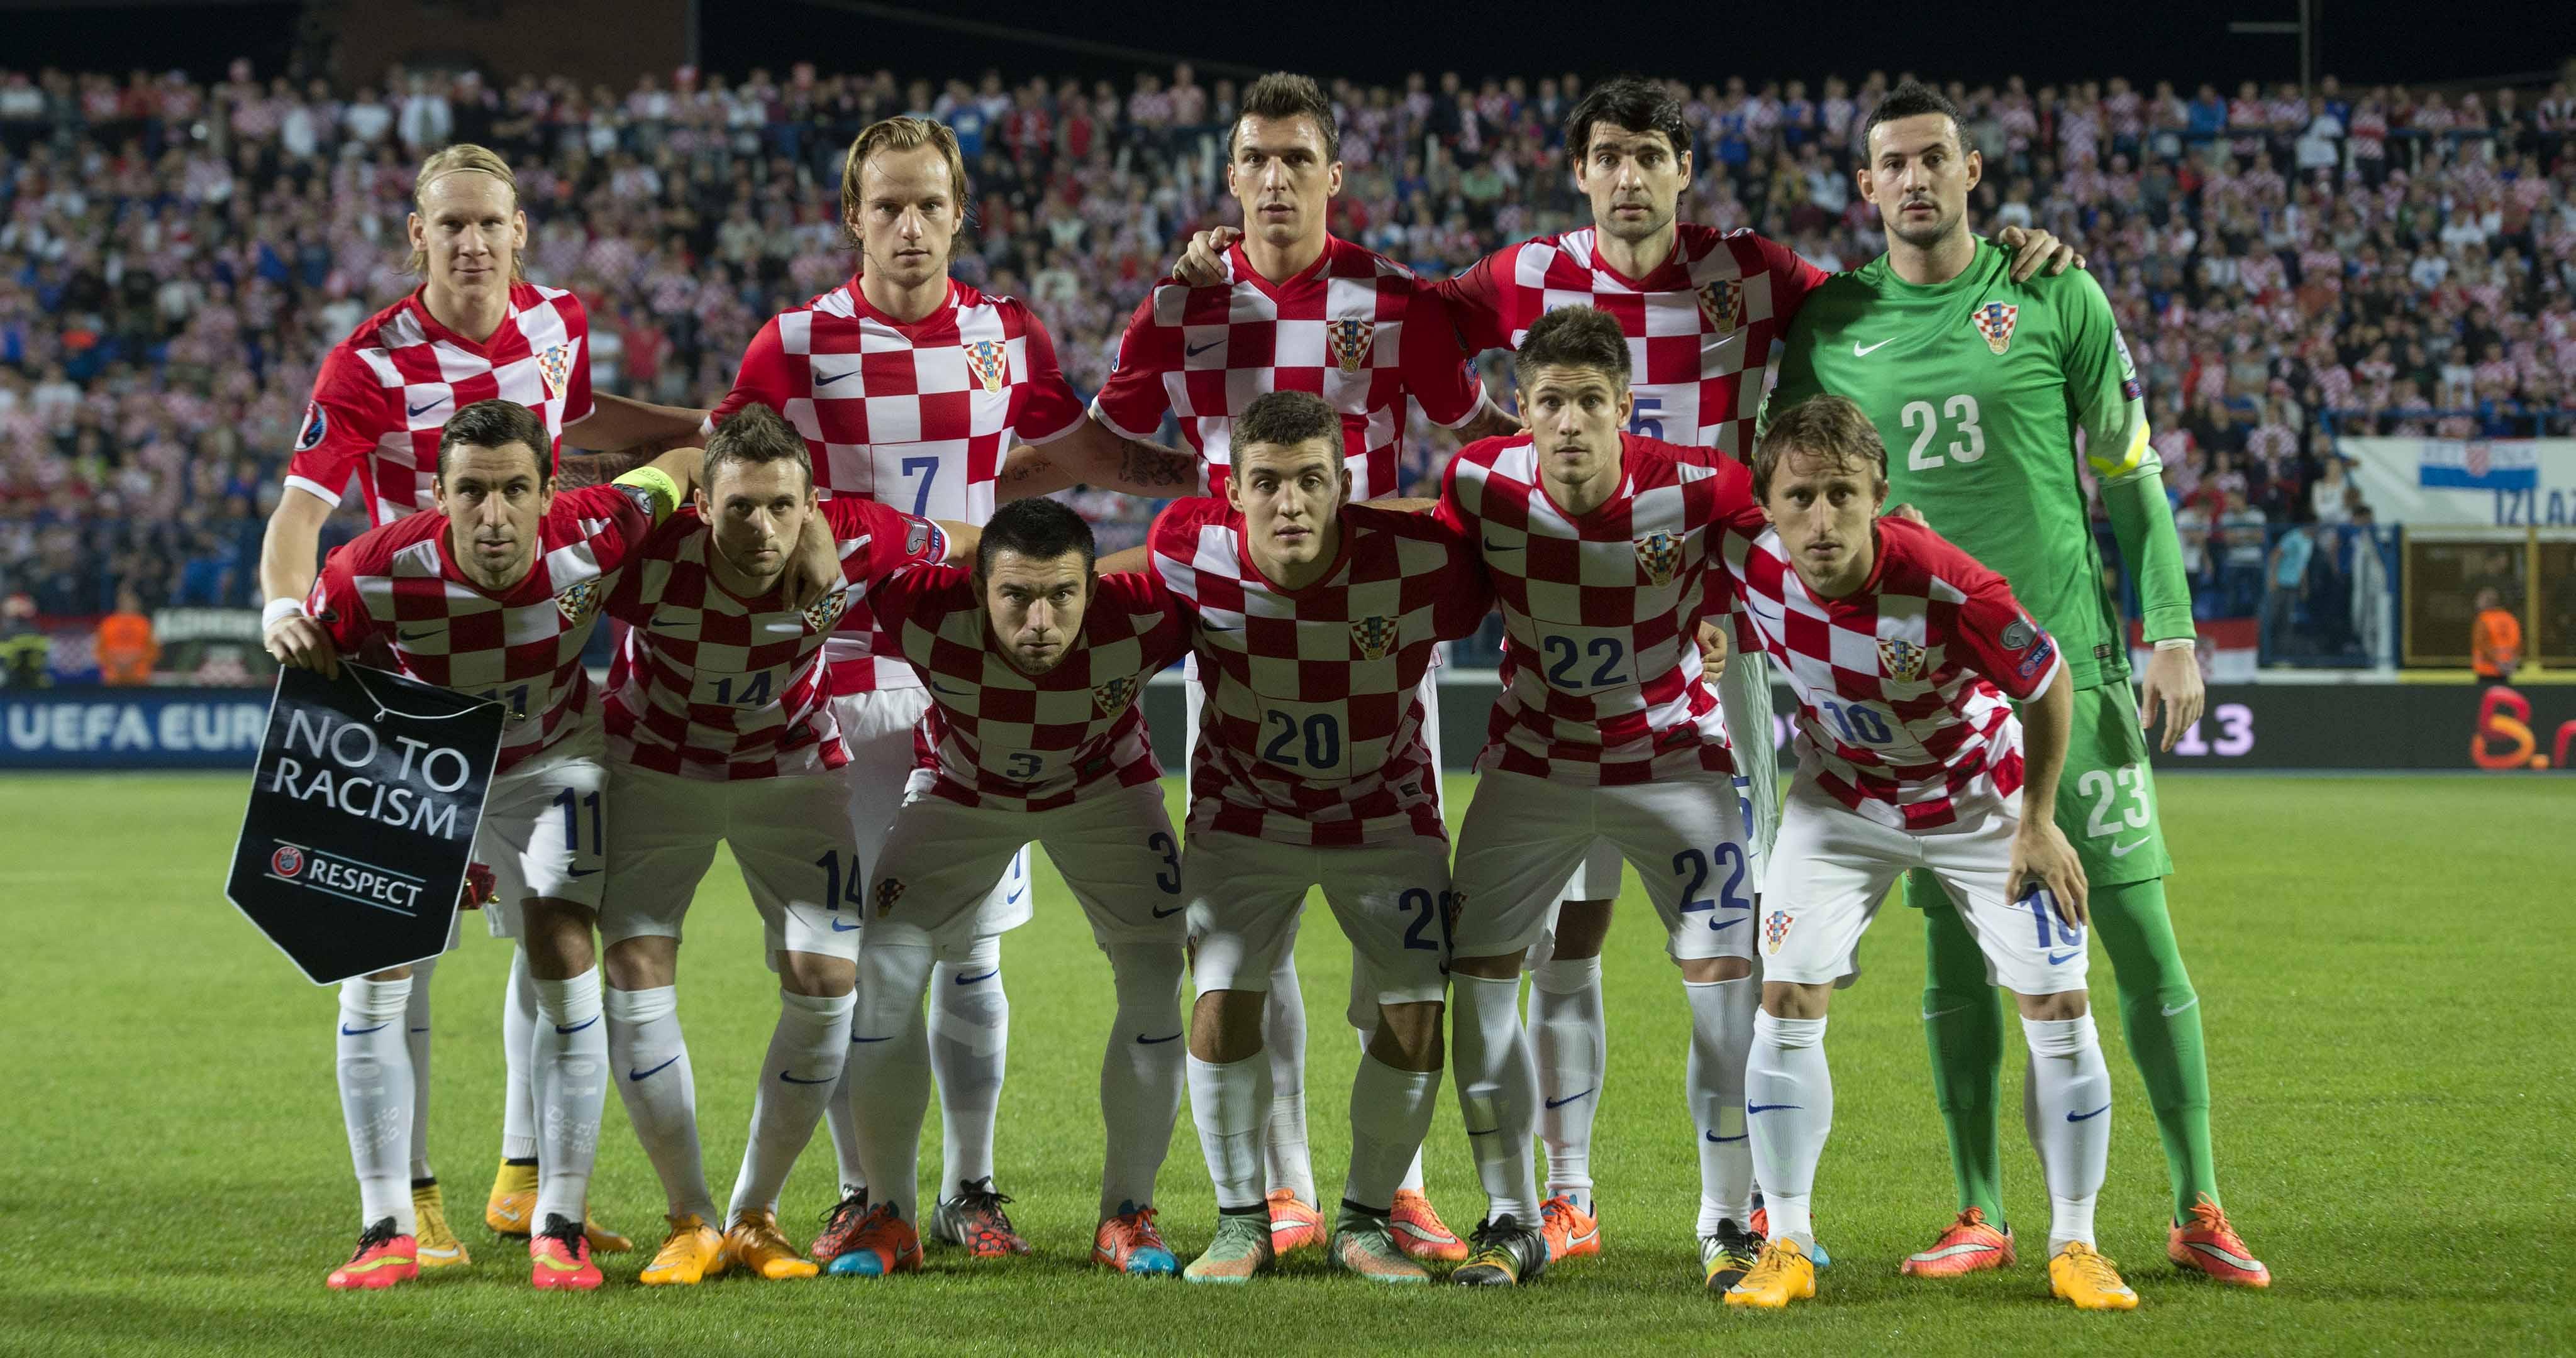 нашем фото сборной хорватии по футболу царской семьи сей